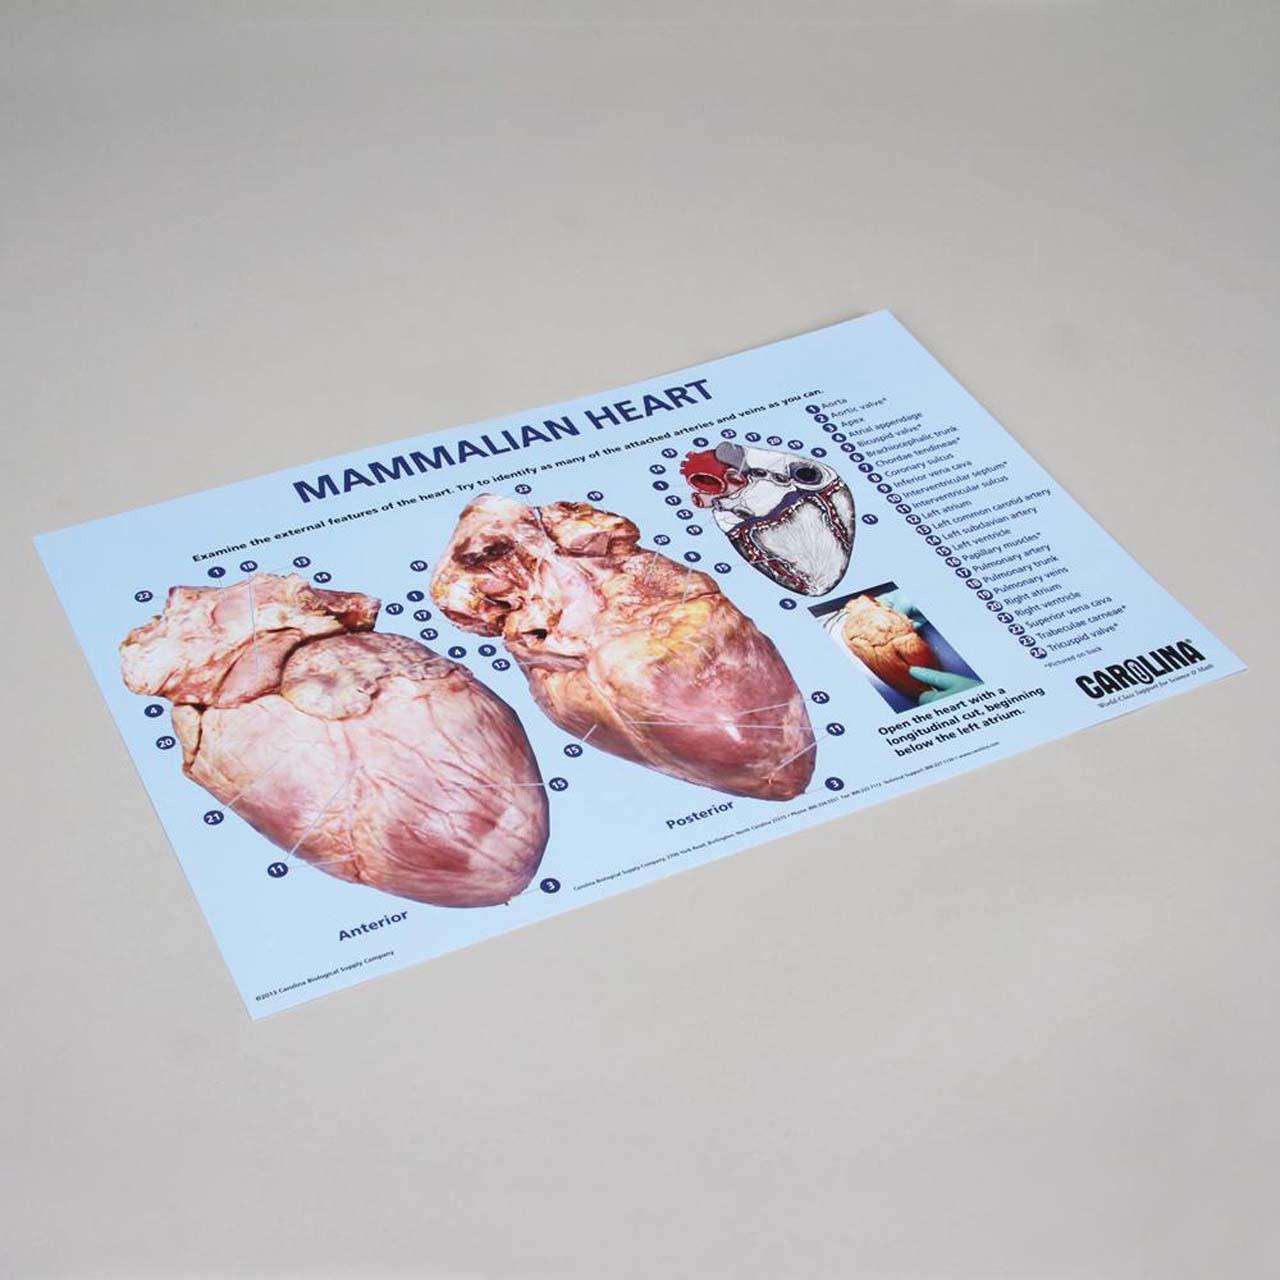 Mammalian heart dissection mat 28cm x 43cm